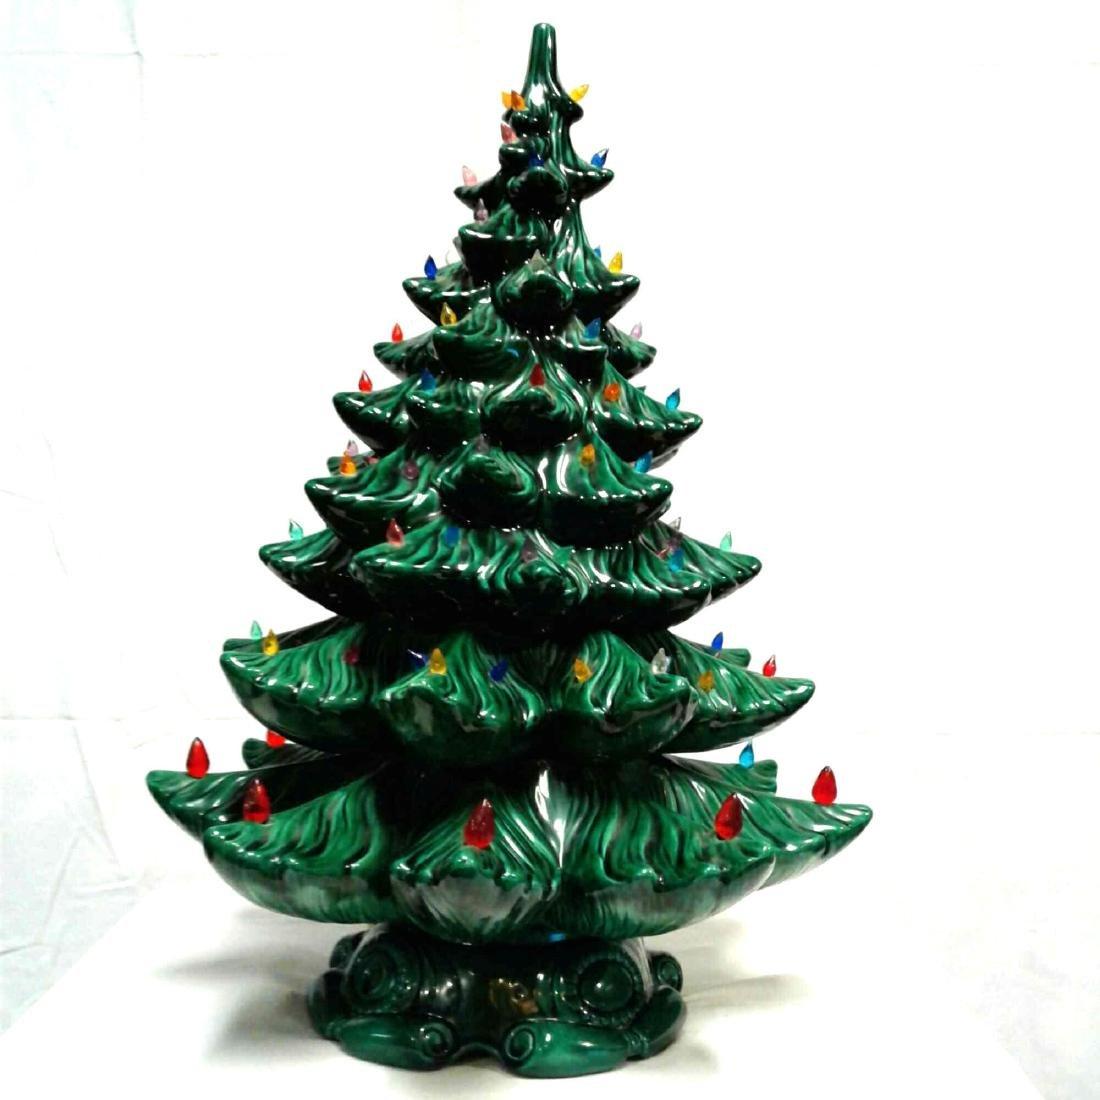 Vintage Ceramic Atlantic Mold Christmas Tree Feb 22 2018 Rapid